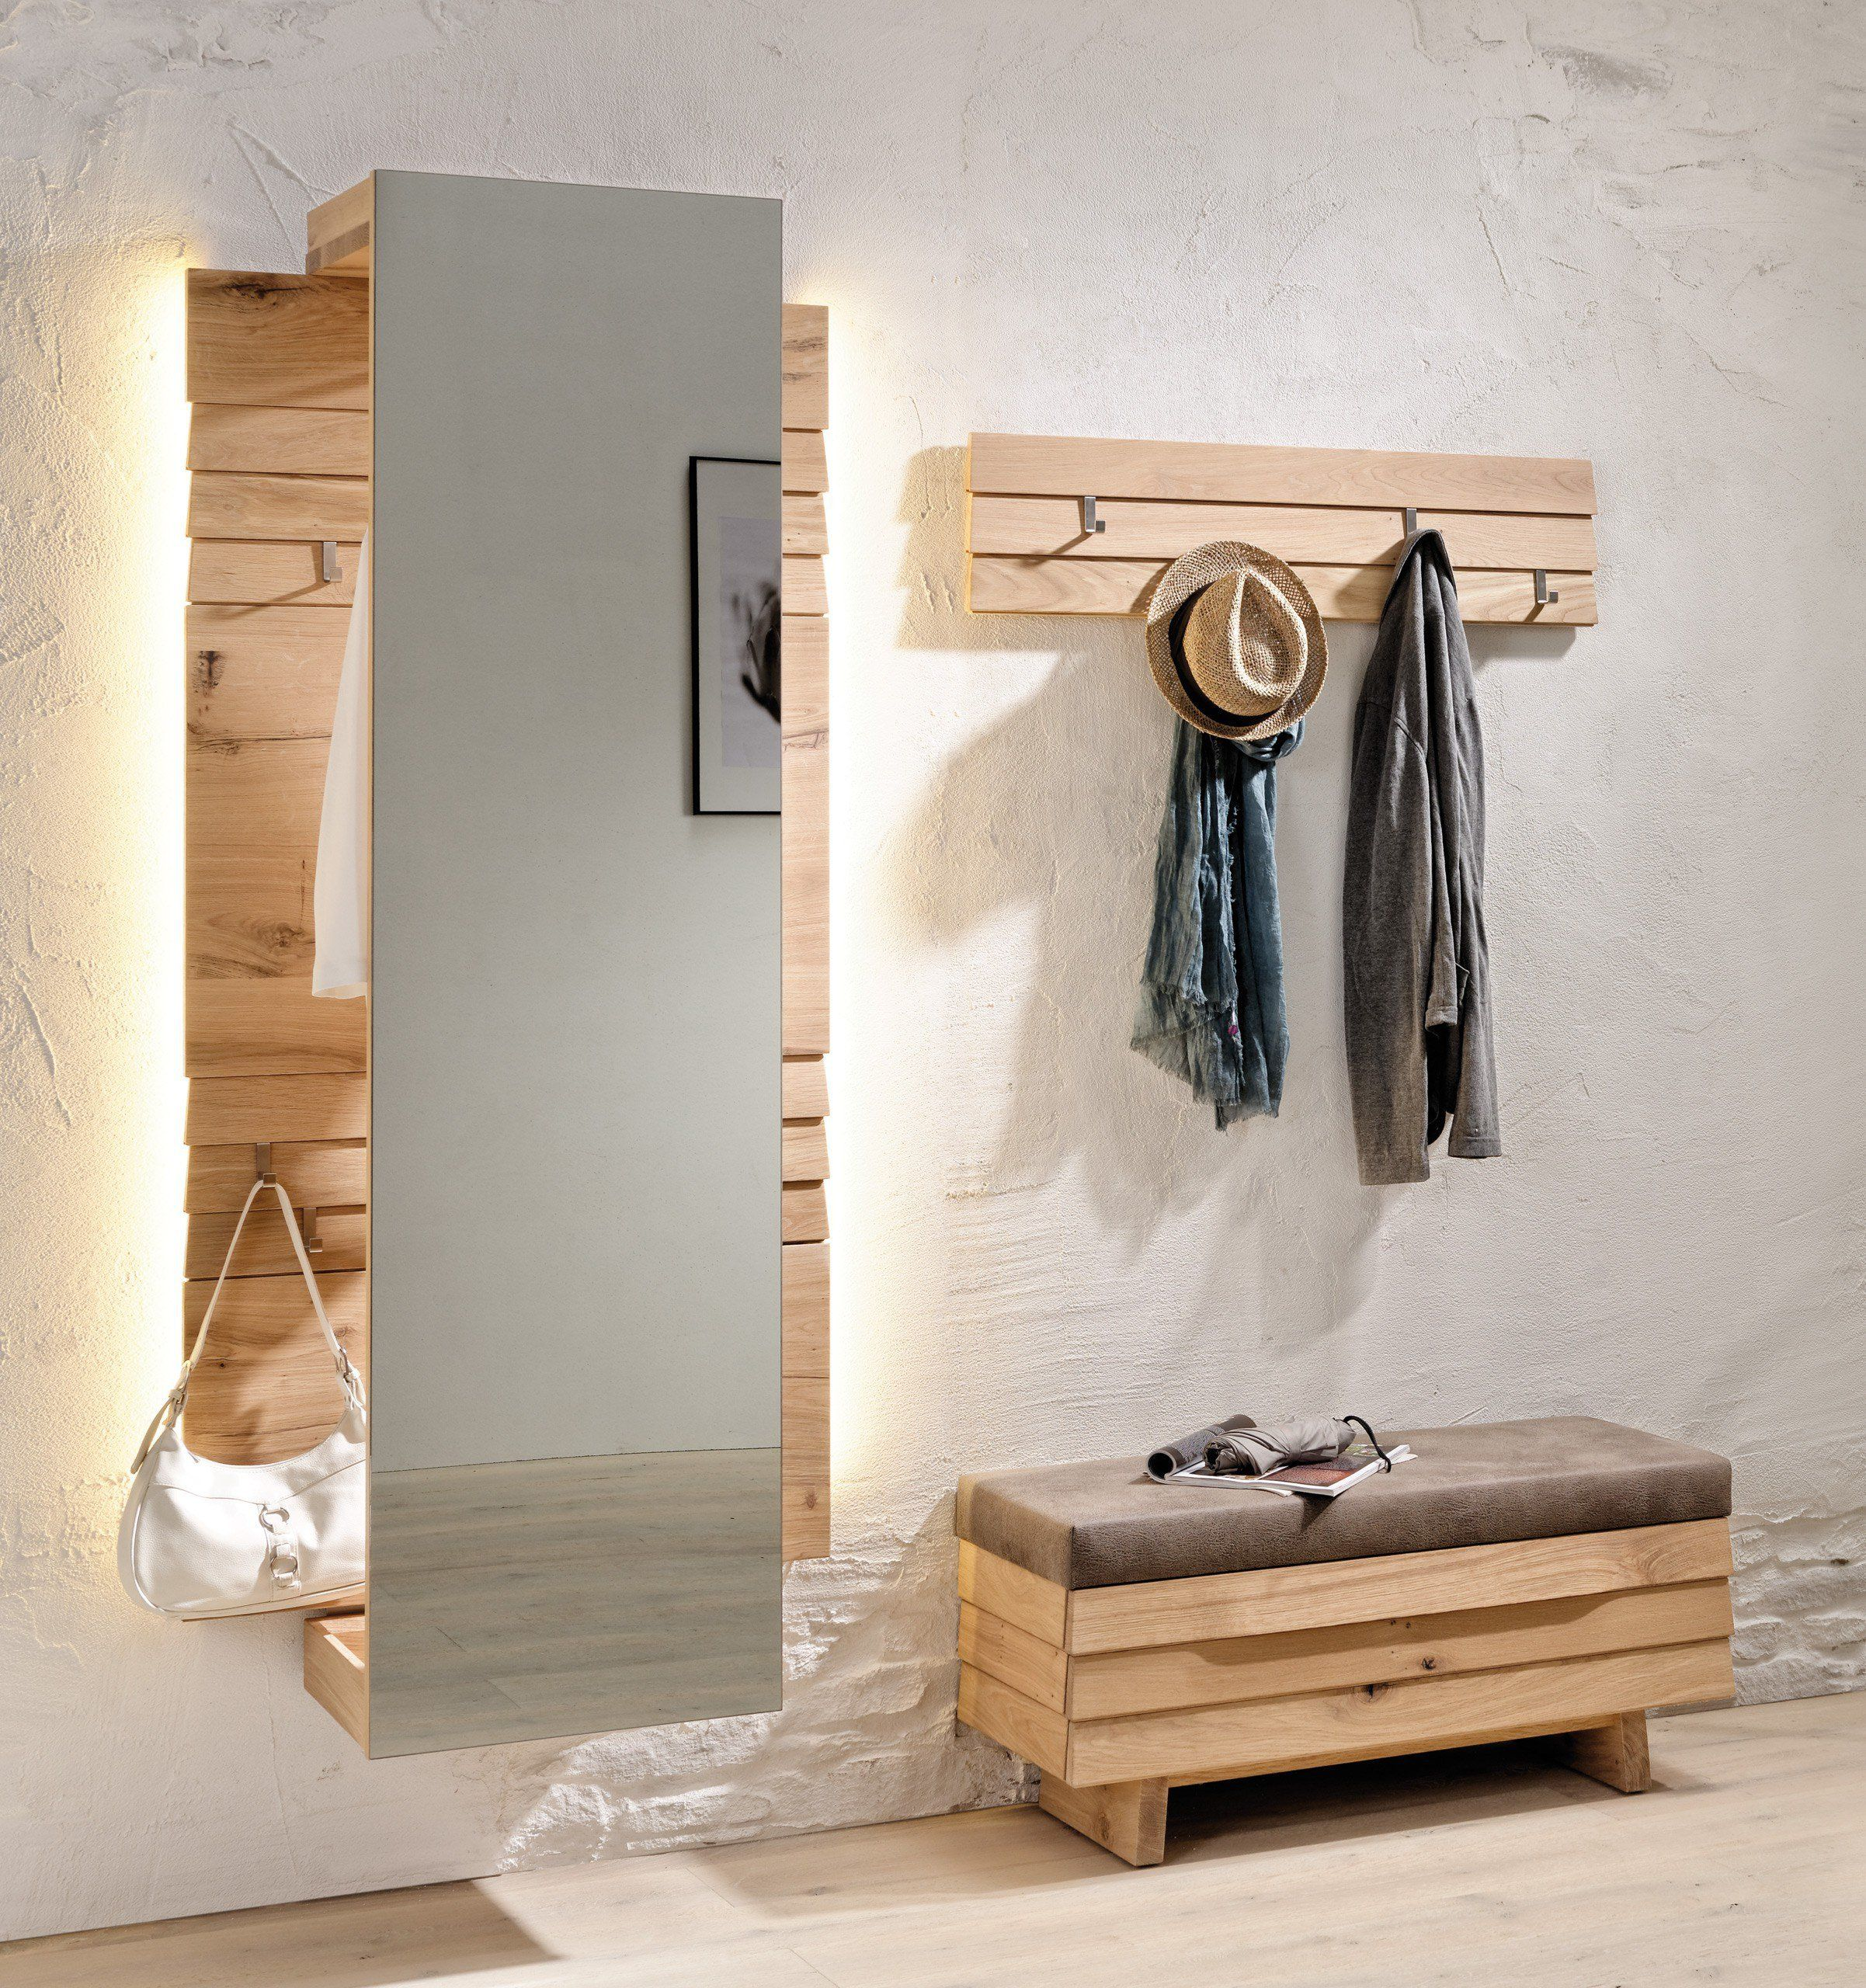 die besten 25 voglauer garderobe ideen auf pinterest voglauer garderobenpaneel ikea und. Black Bedroom Furniture Sets. Home Design Ideas